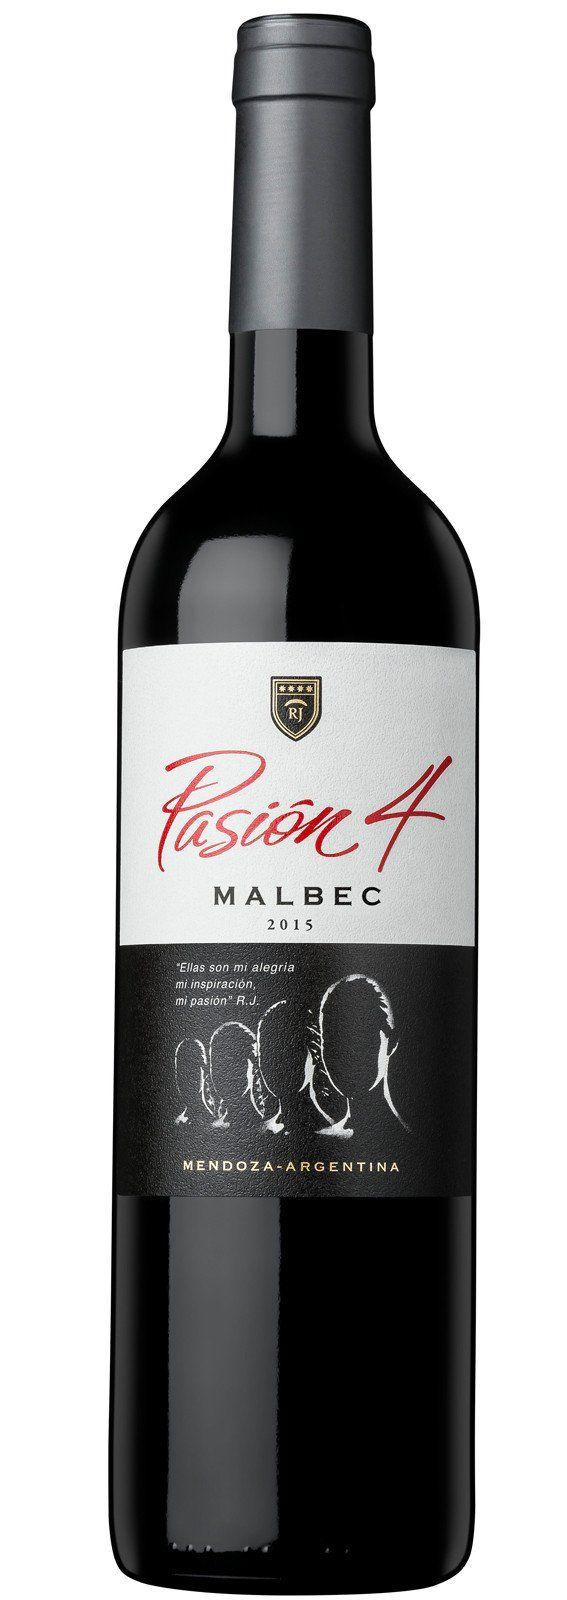 Pasion 4 Malbec Merlot Malbec Etiquetas De Vino